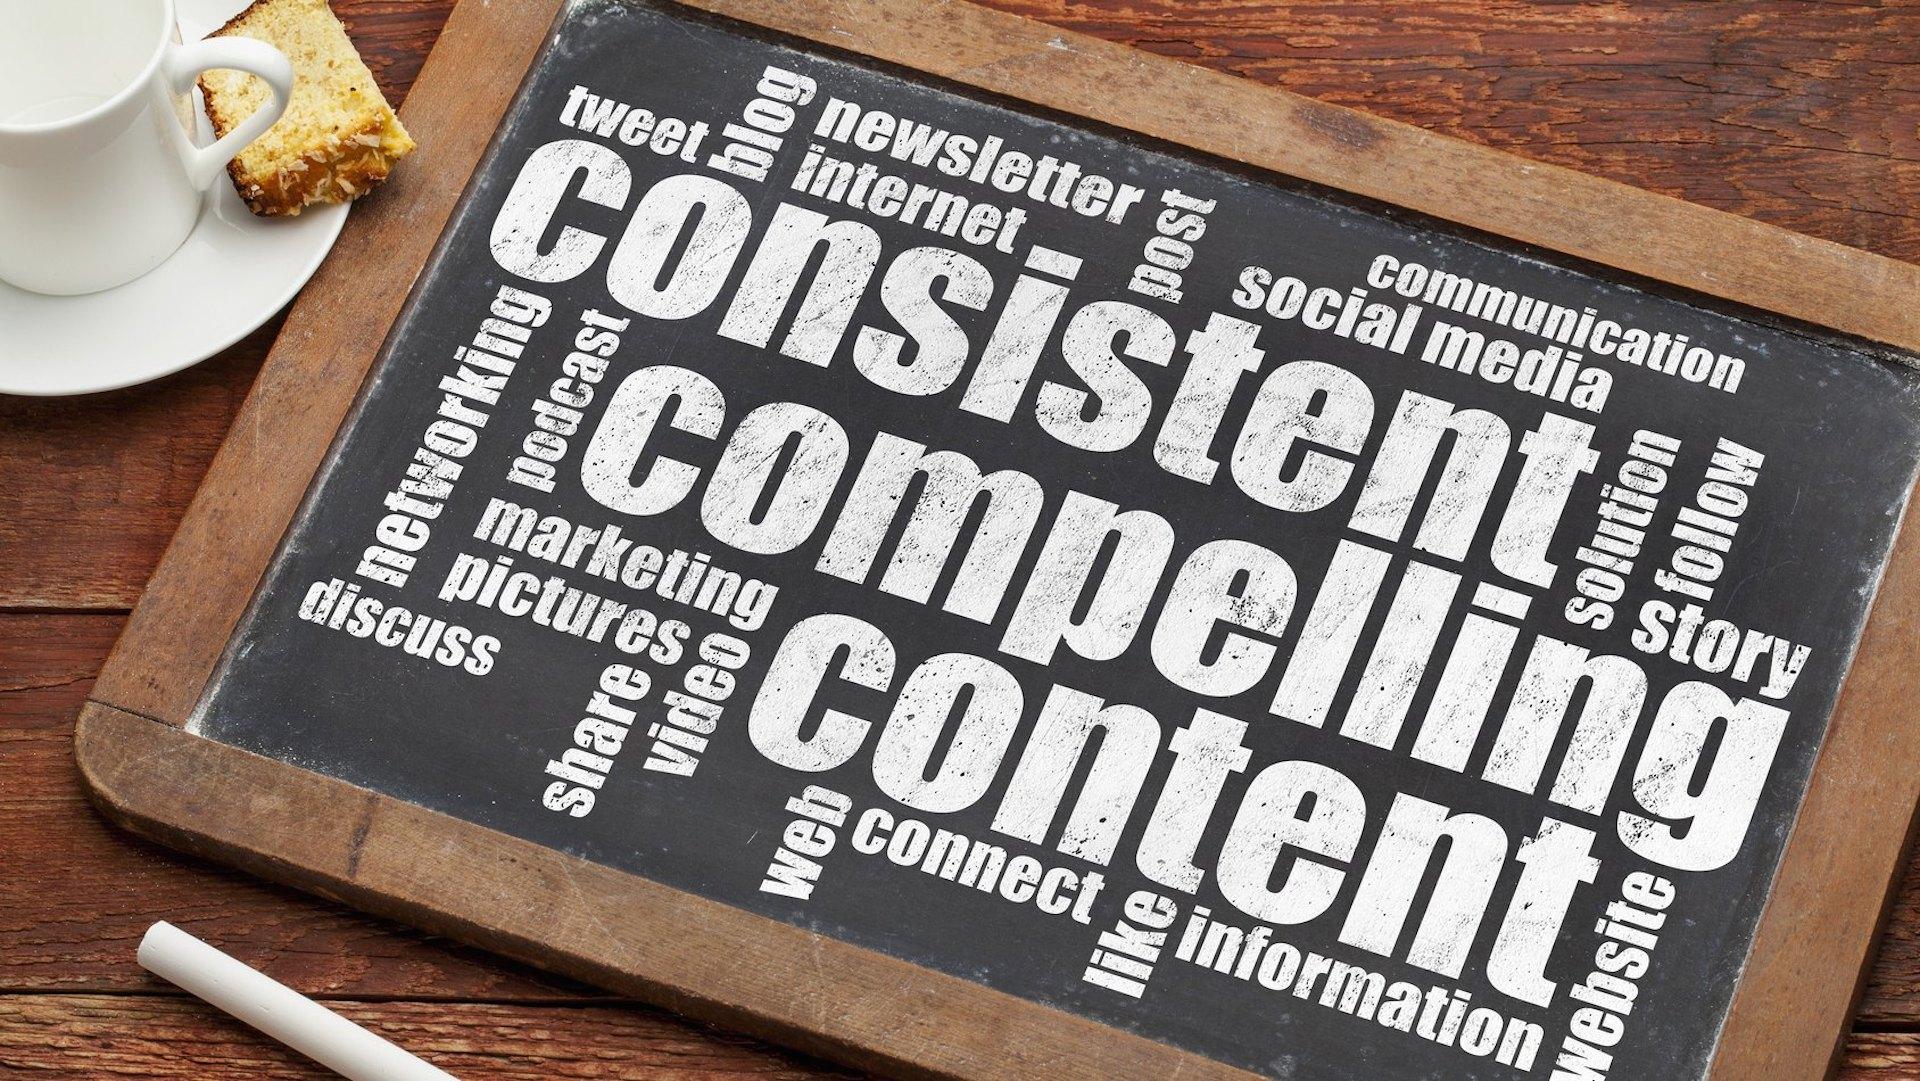 Blogi firmowy wpięty w strategię marketingową Musisz wiedzieć mediarun content marketing